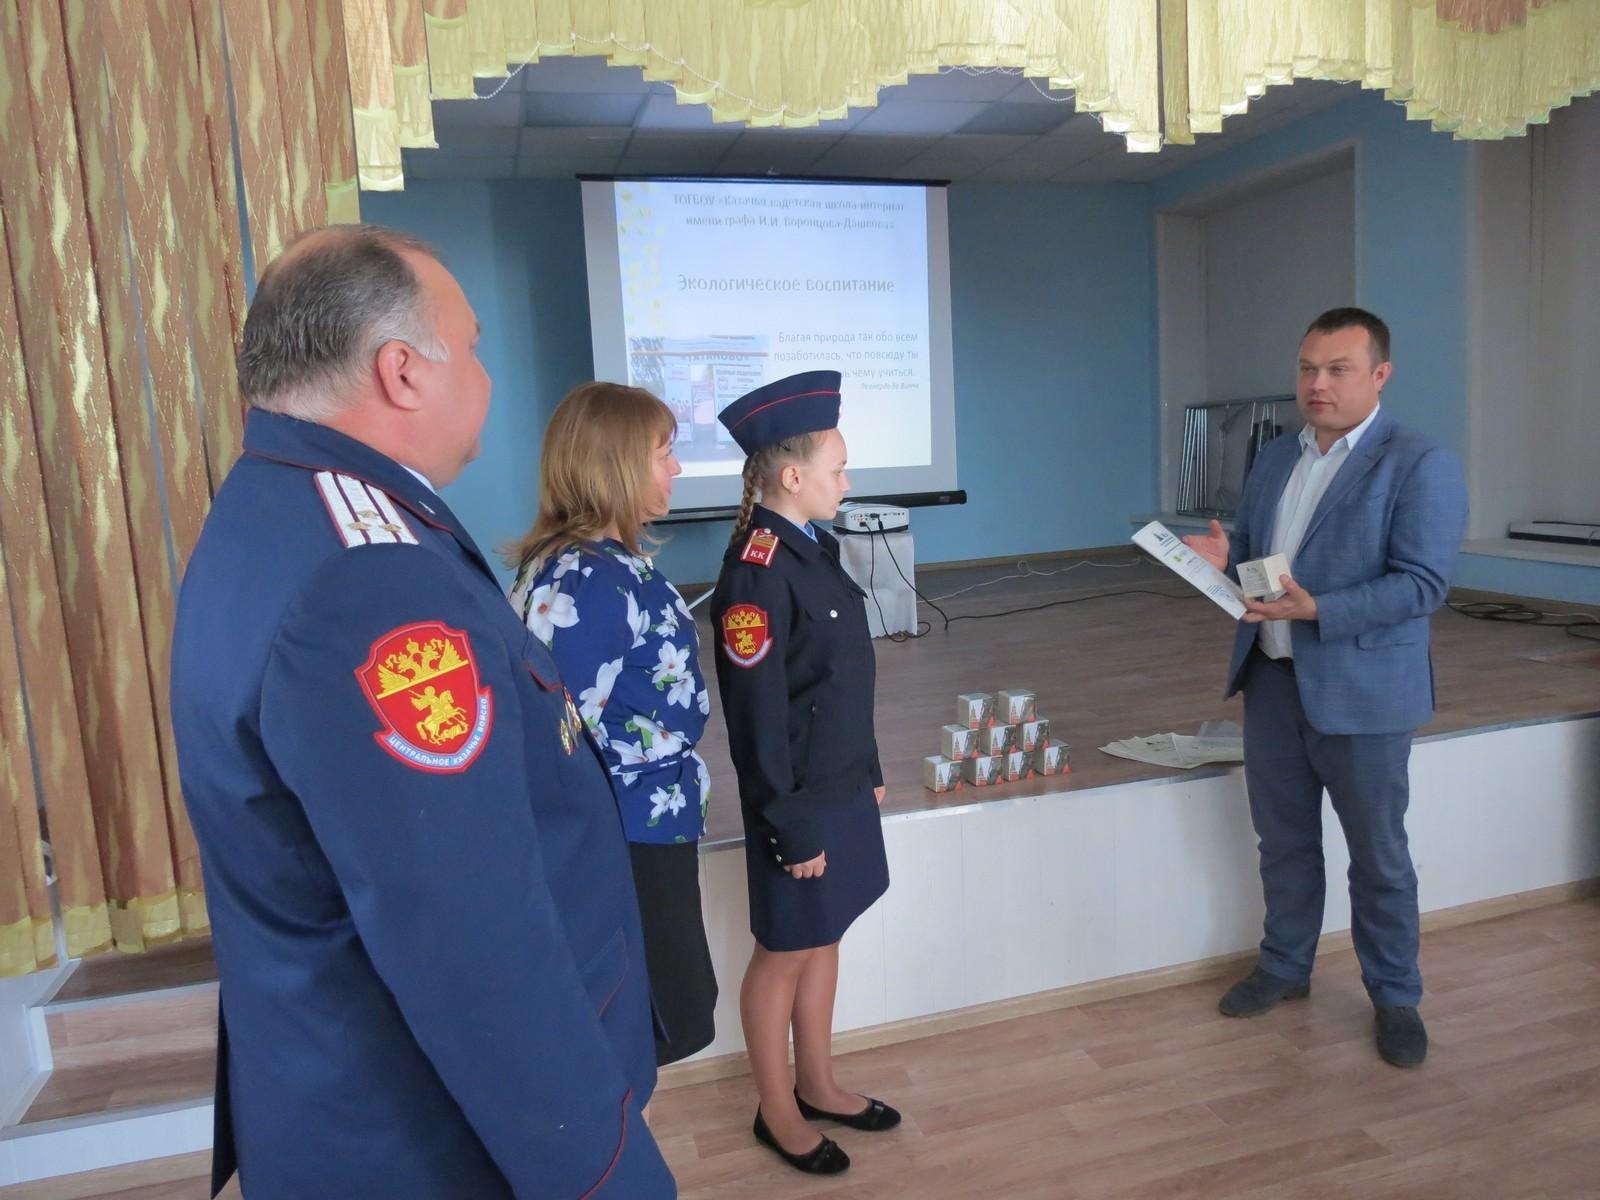 Семена кремлевской ели будут выращены на территории десяти школьных лесничеств Тамбовщины